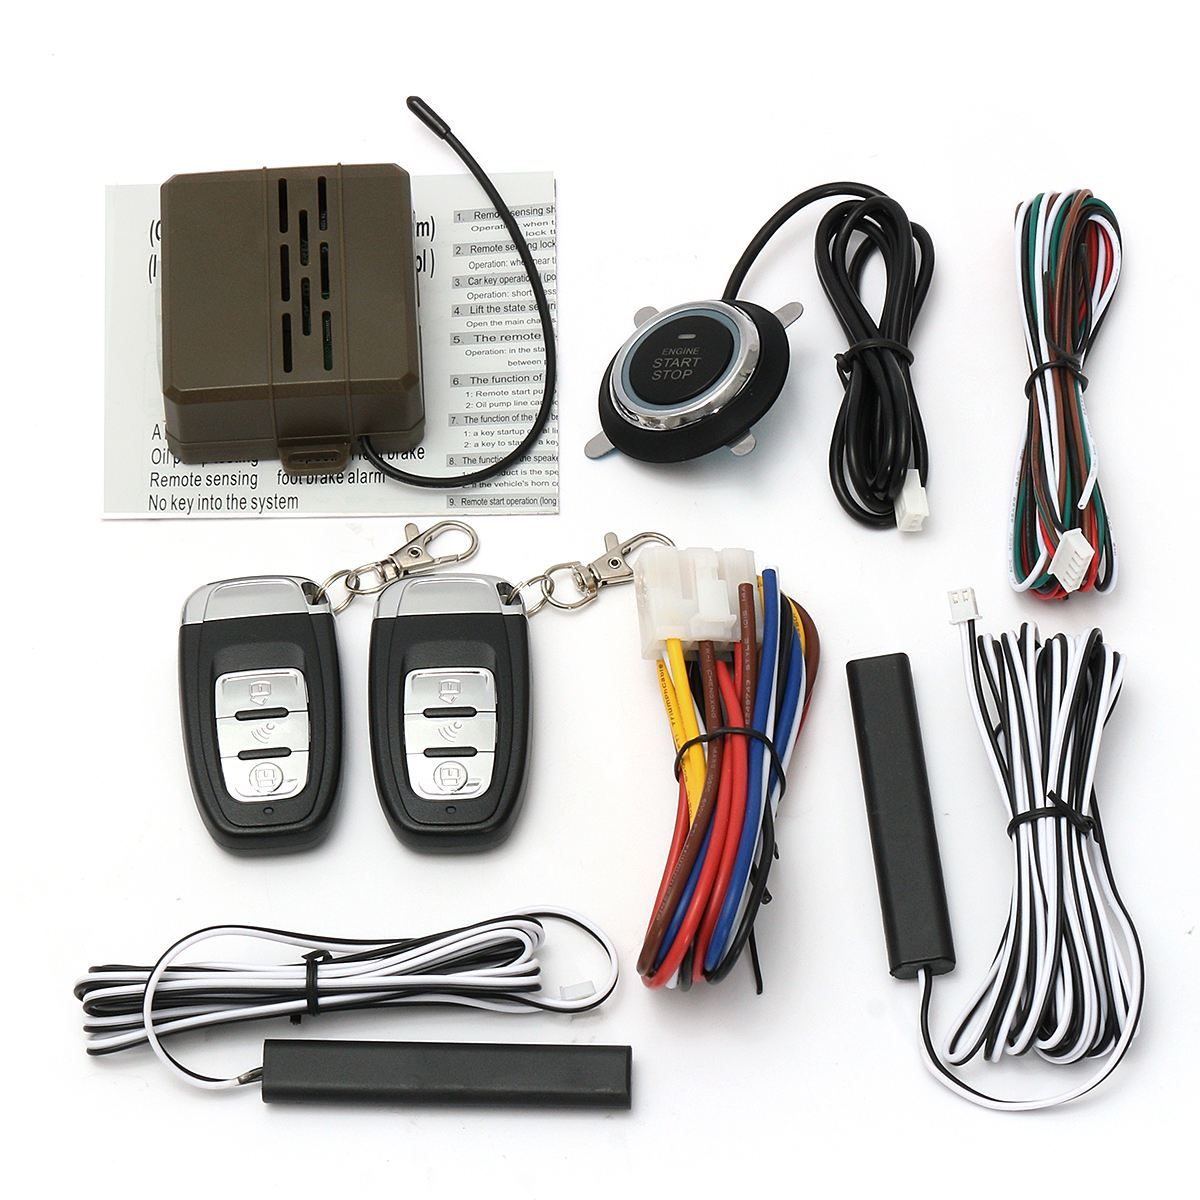 Mulitifuntion smart e модели Дистанционное управление автосигнализации старт Автозапуск Системы кнопка старт стоп Системы